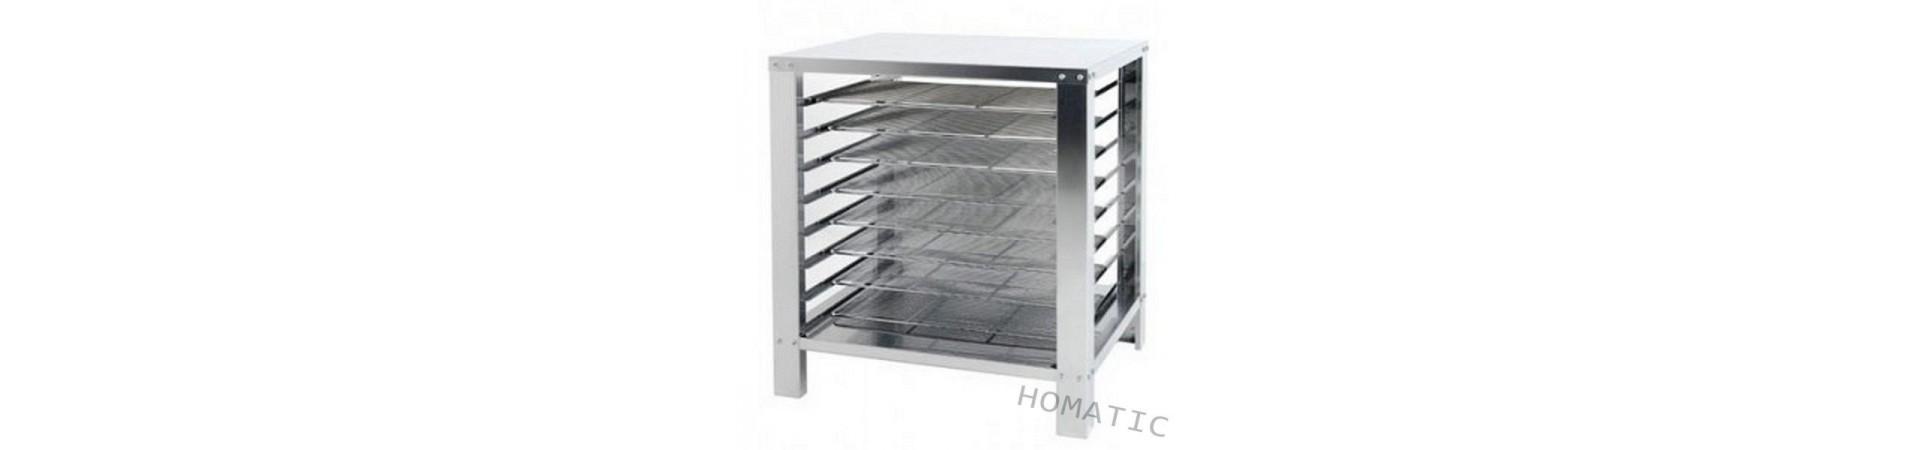 Muebles soportes para hornos de gran calidad fabricados en acero inoxidable AISI 304 18/10. Compra hoy con garantía.